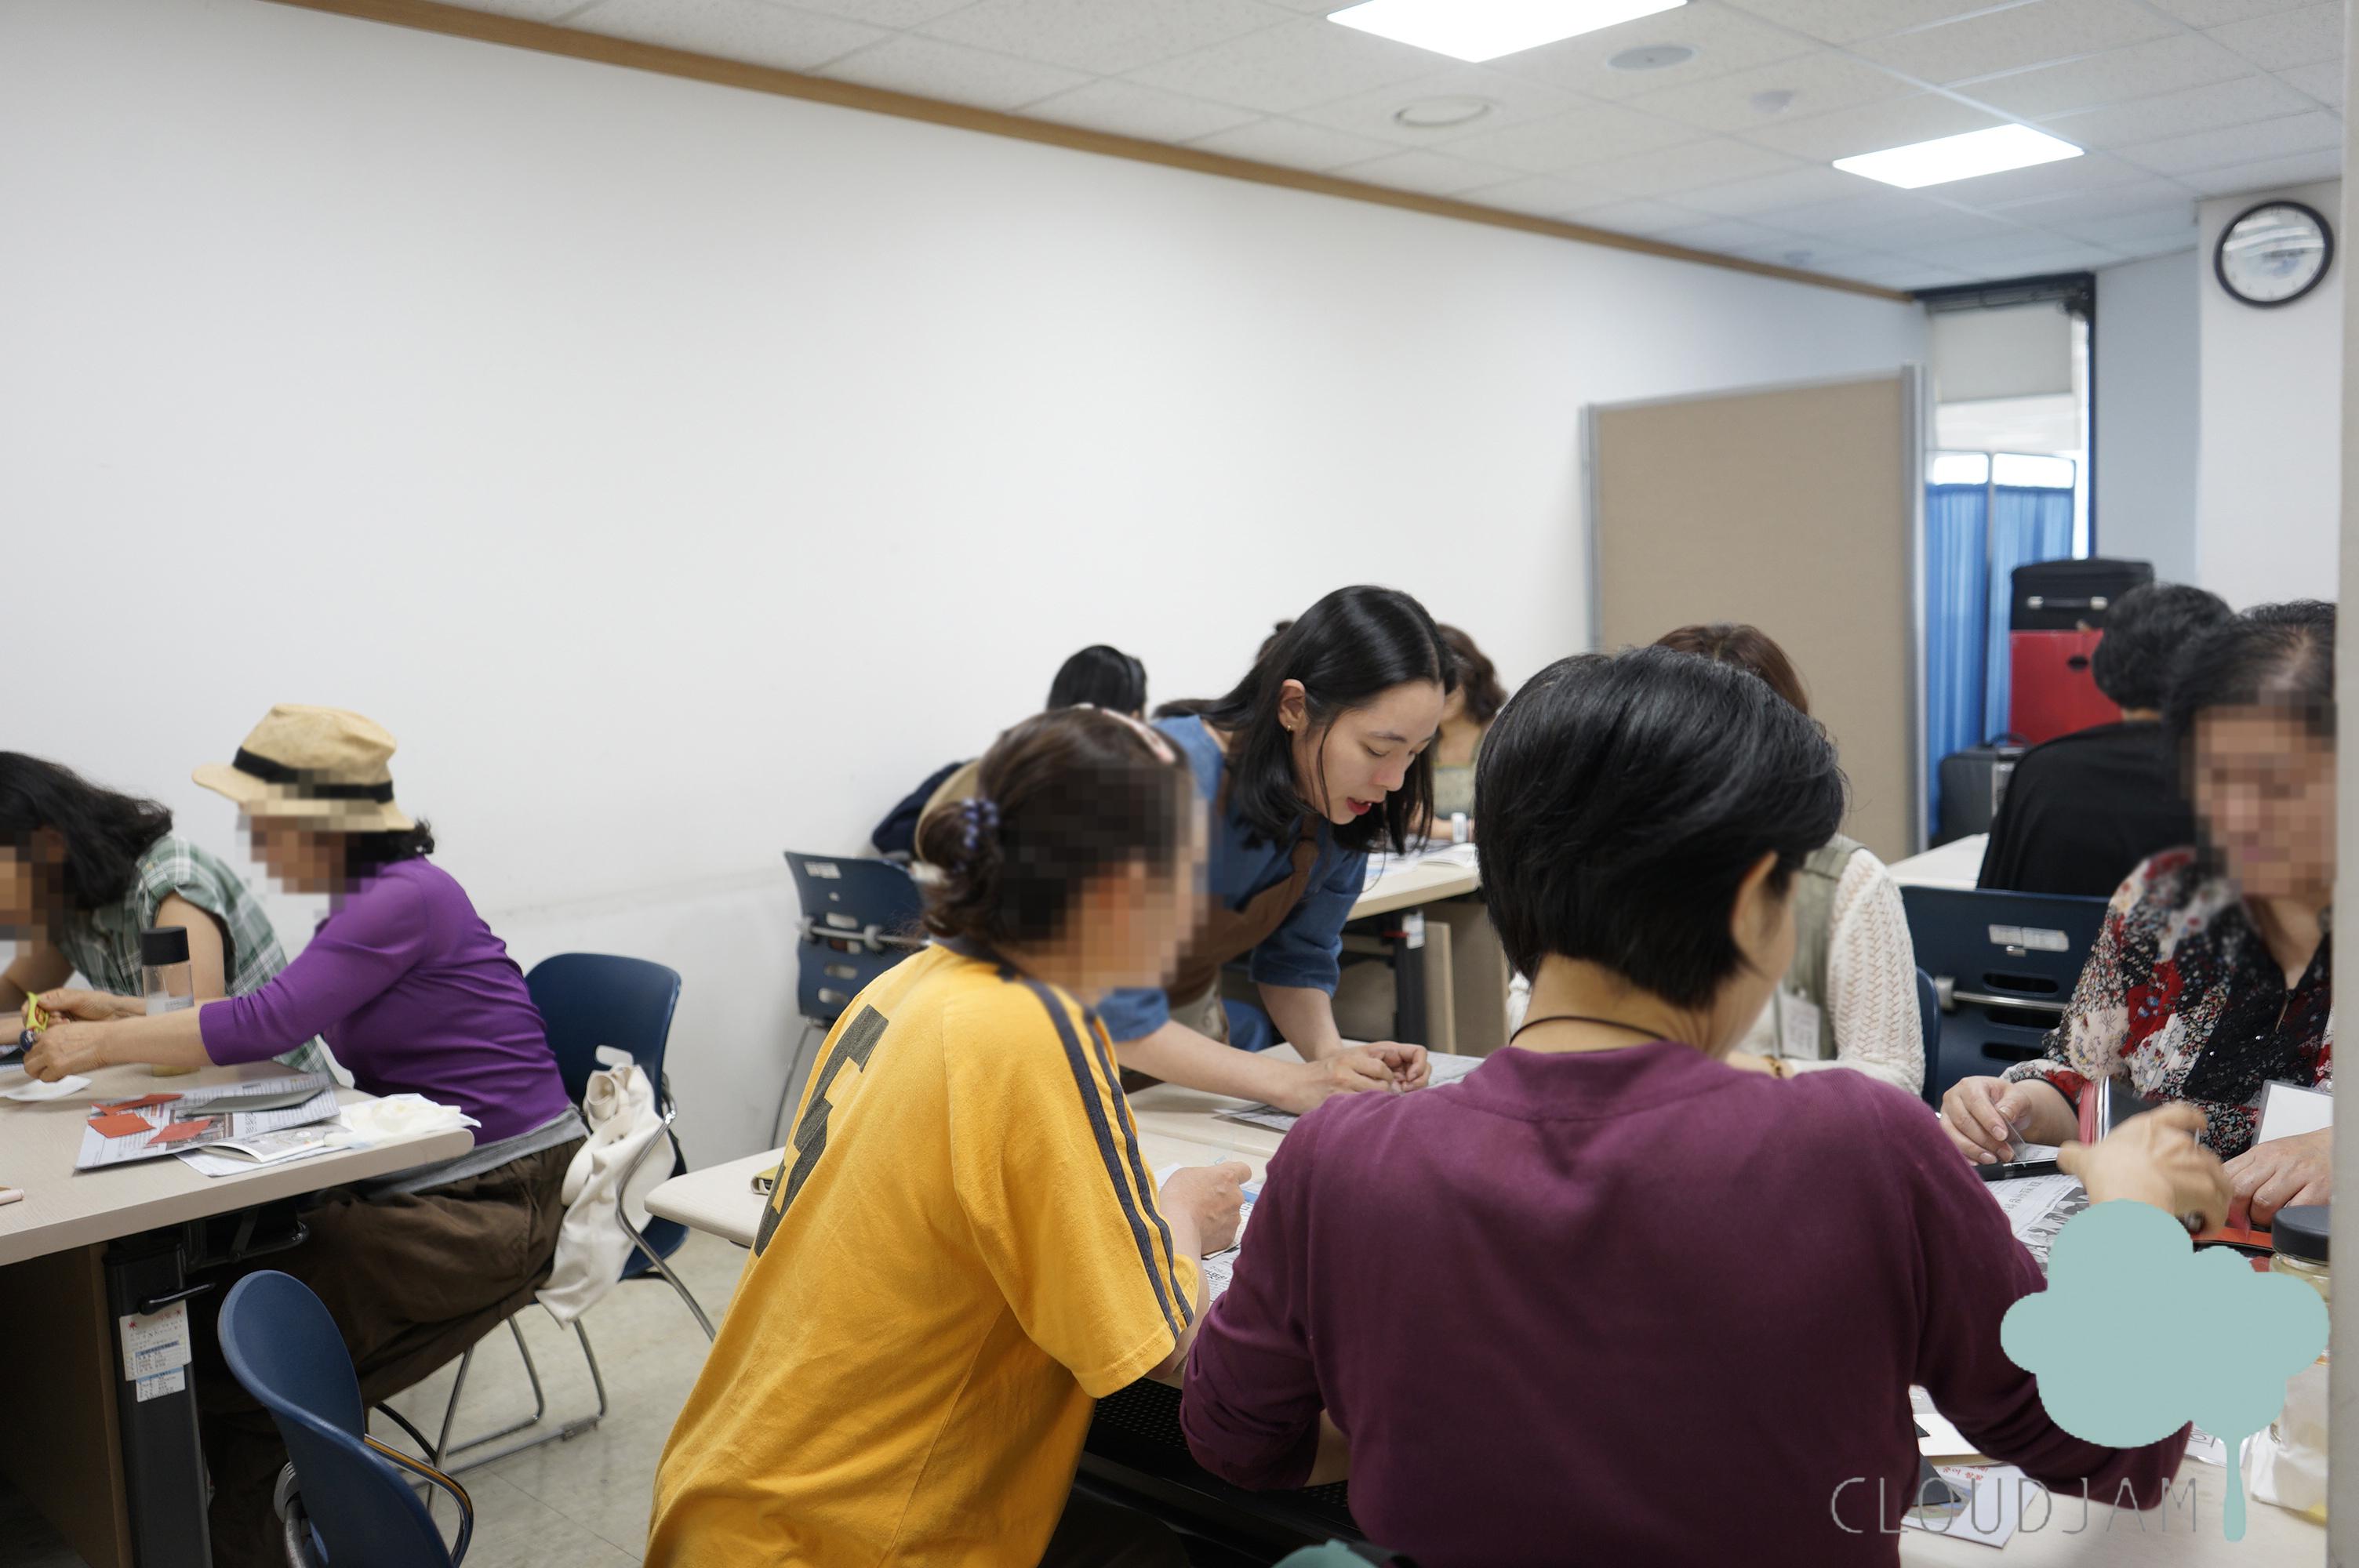 서울 동대문여성인력개발센터 '업사이클링 전문가양성' 카드지갑 만들기 강좌 후기